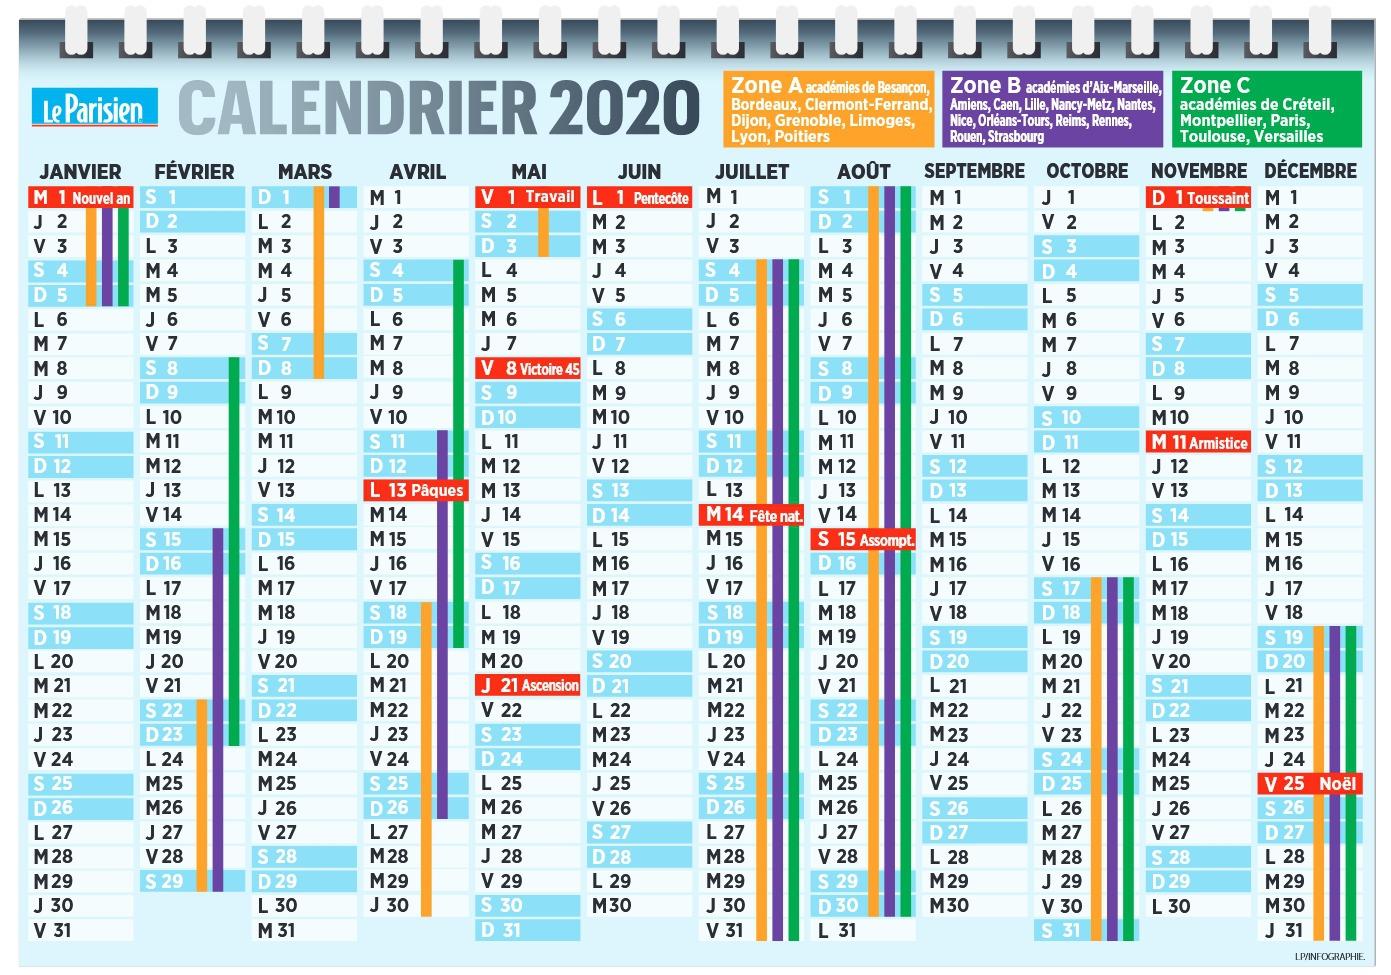 Dates Des Vacances 2019 / 2020 De La Rentrée 2020 - Pratique encequiconcerne Calendrier 2019 Avec Semaine